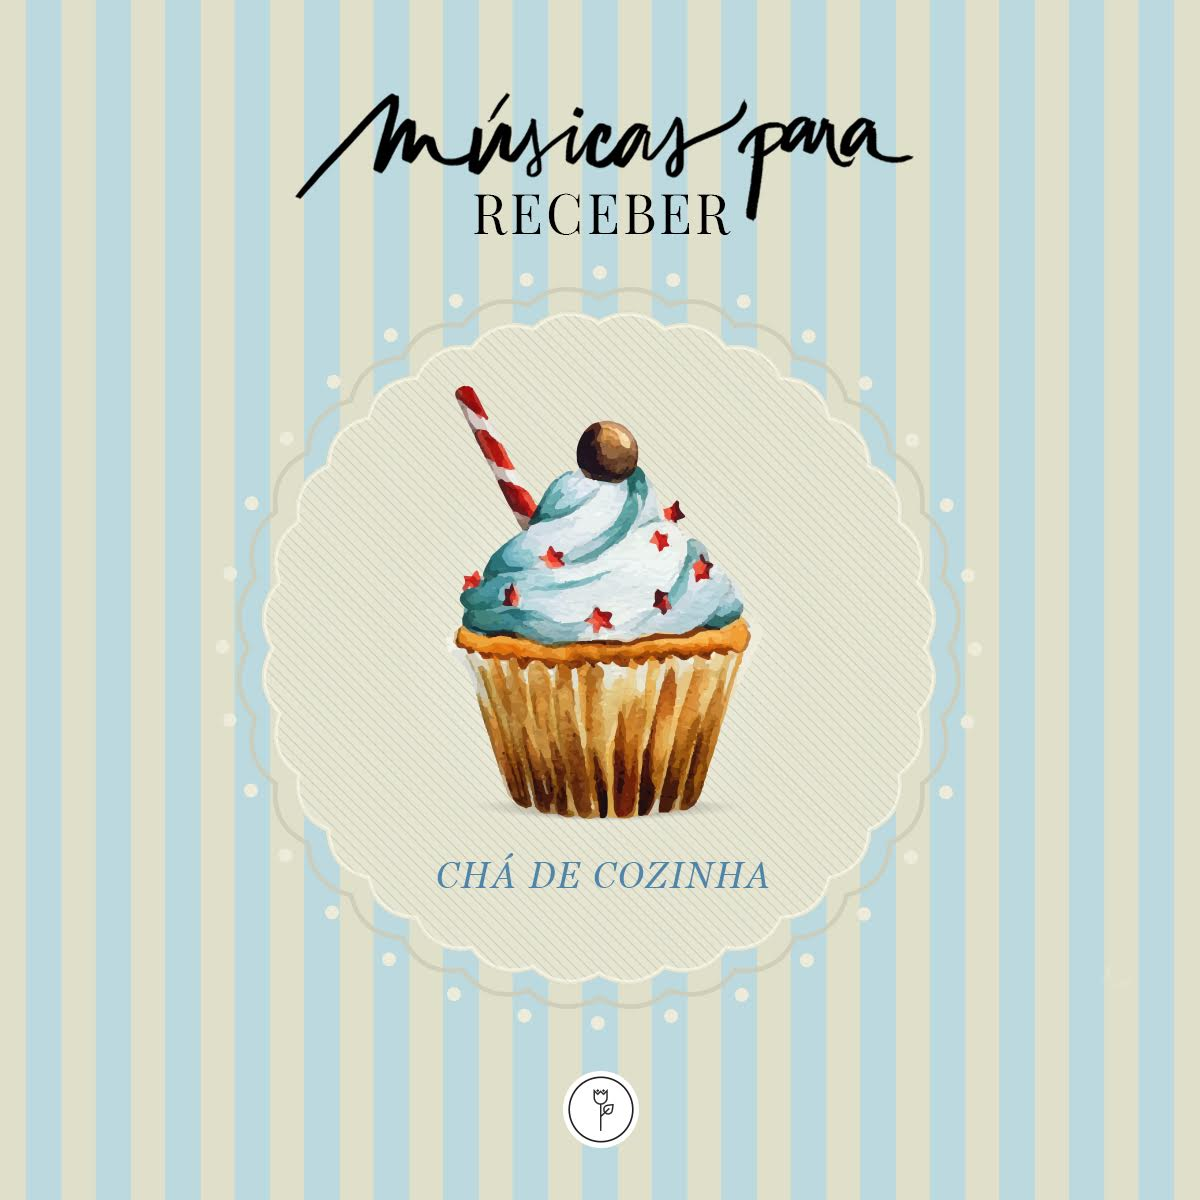 Musicas para Receber_Cha de Cozinha